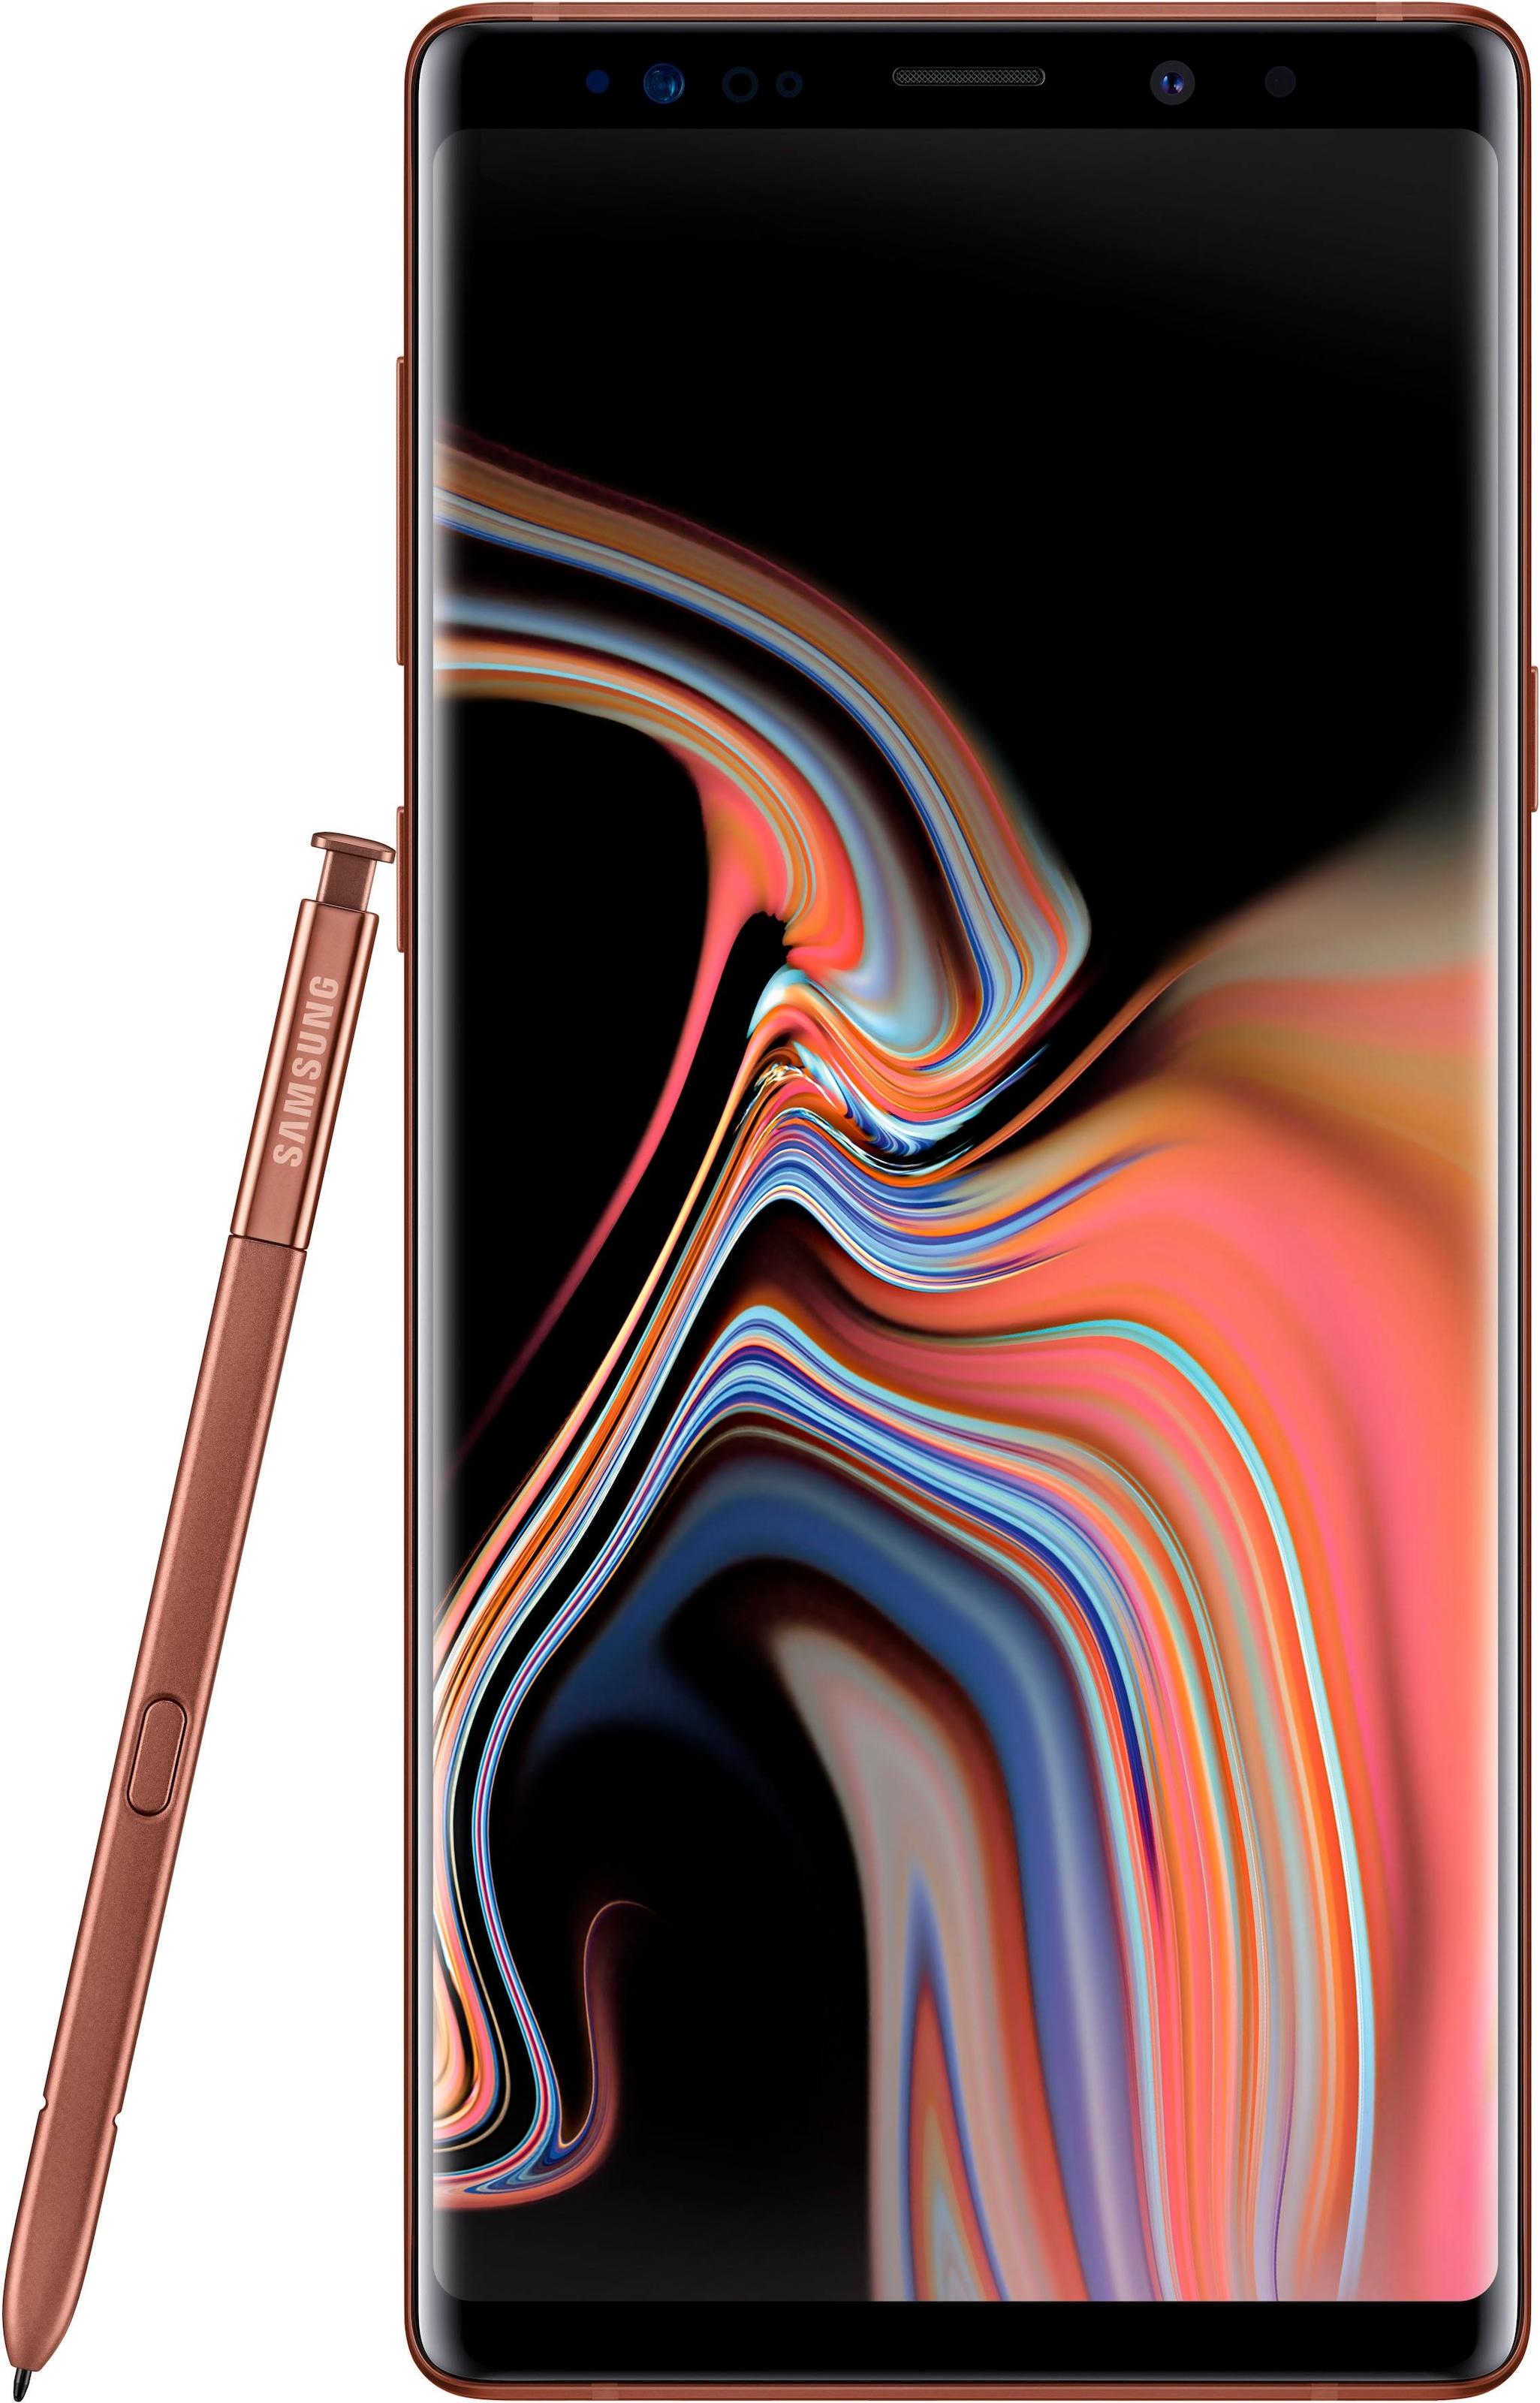 Gerade 3d Vr-brille Für Samsung Galaxy S5 Mini S4 S3 Neo Virtual Reality Brille Glasses Klar Und Unverwechselbar Sonstige Handys & Kommunikation